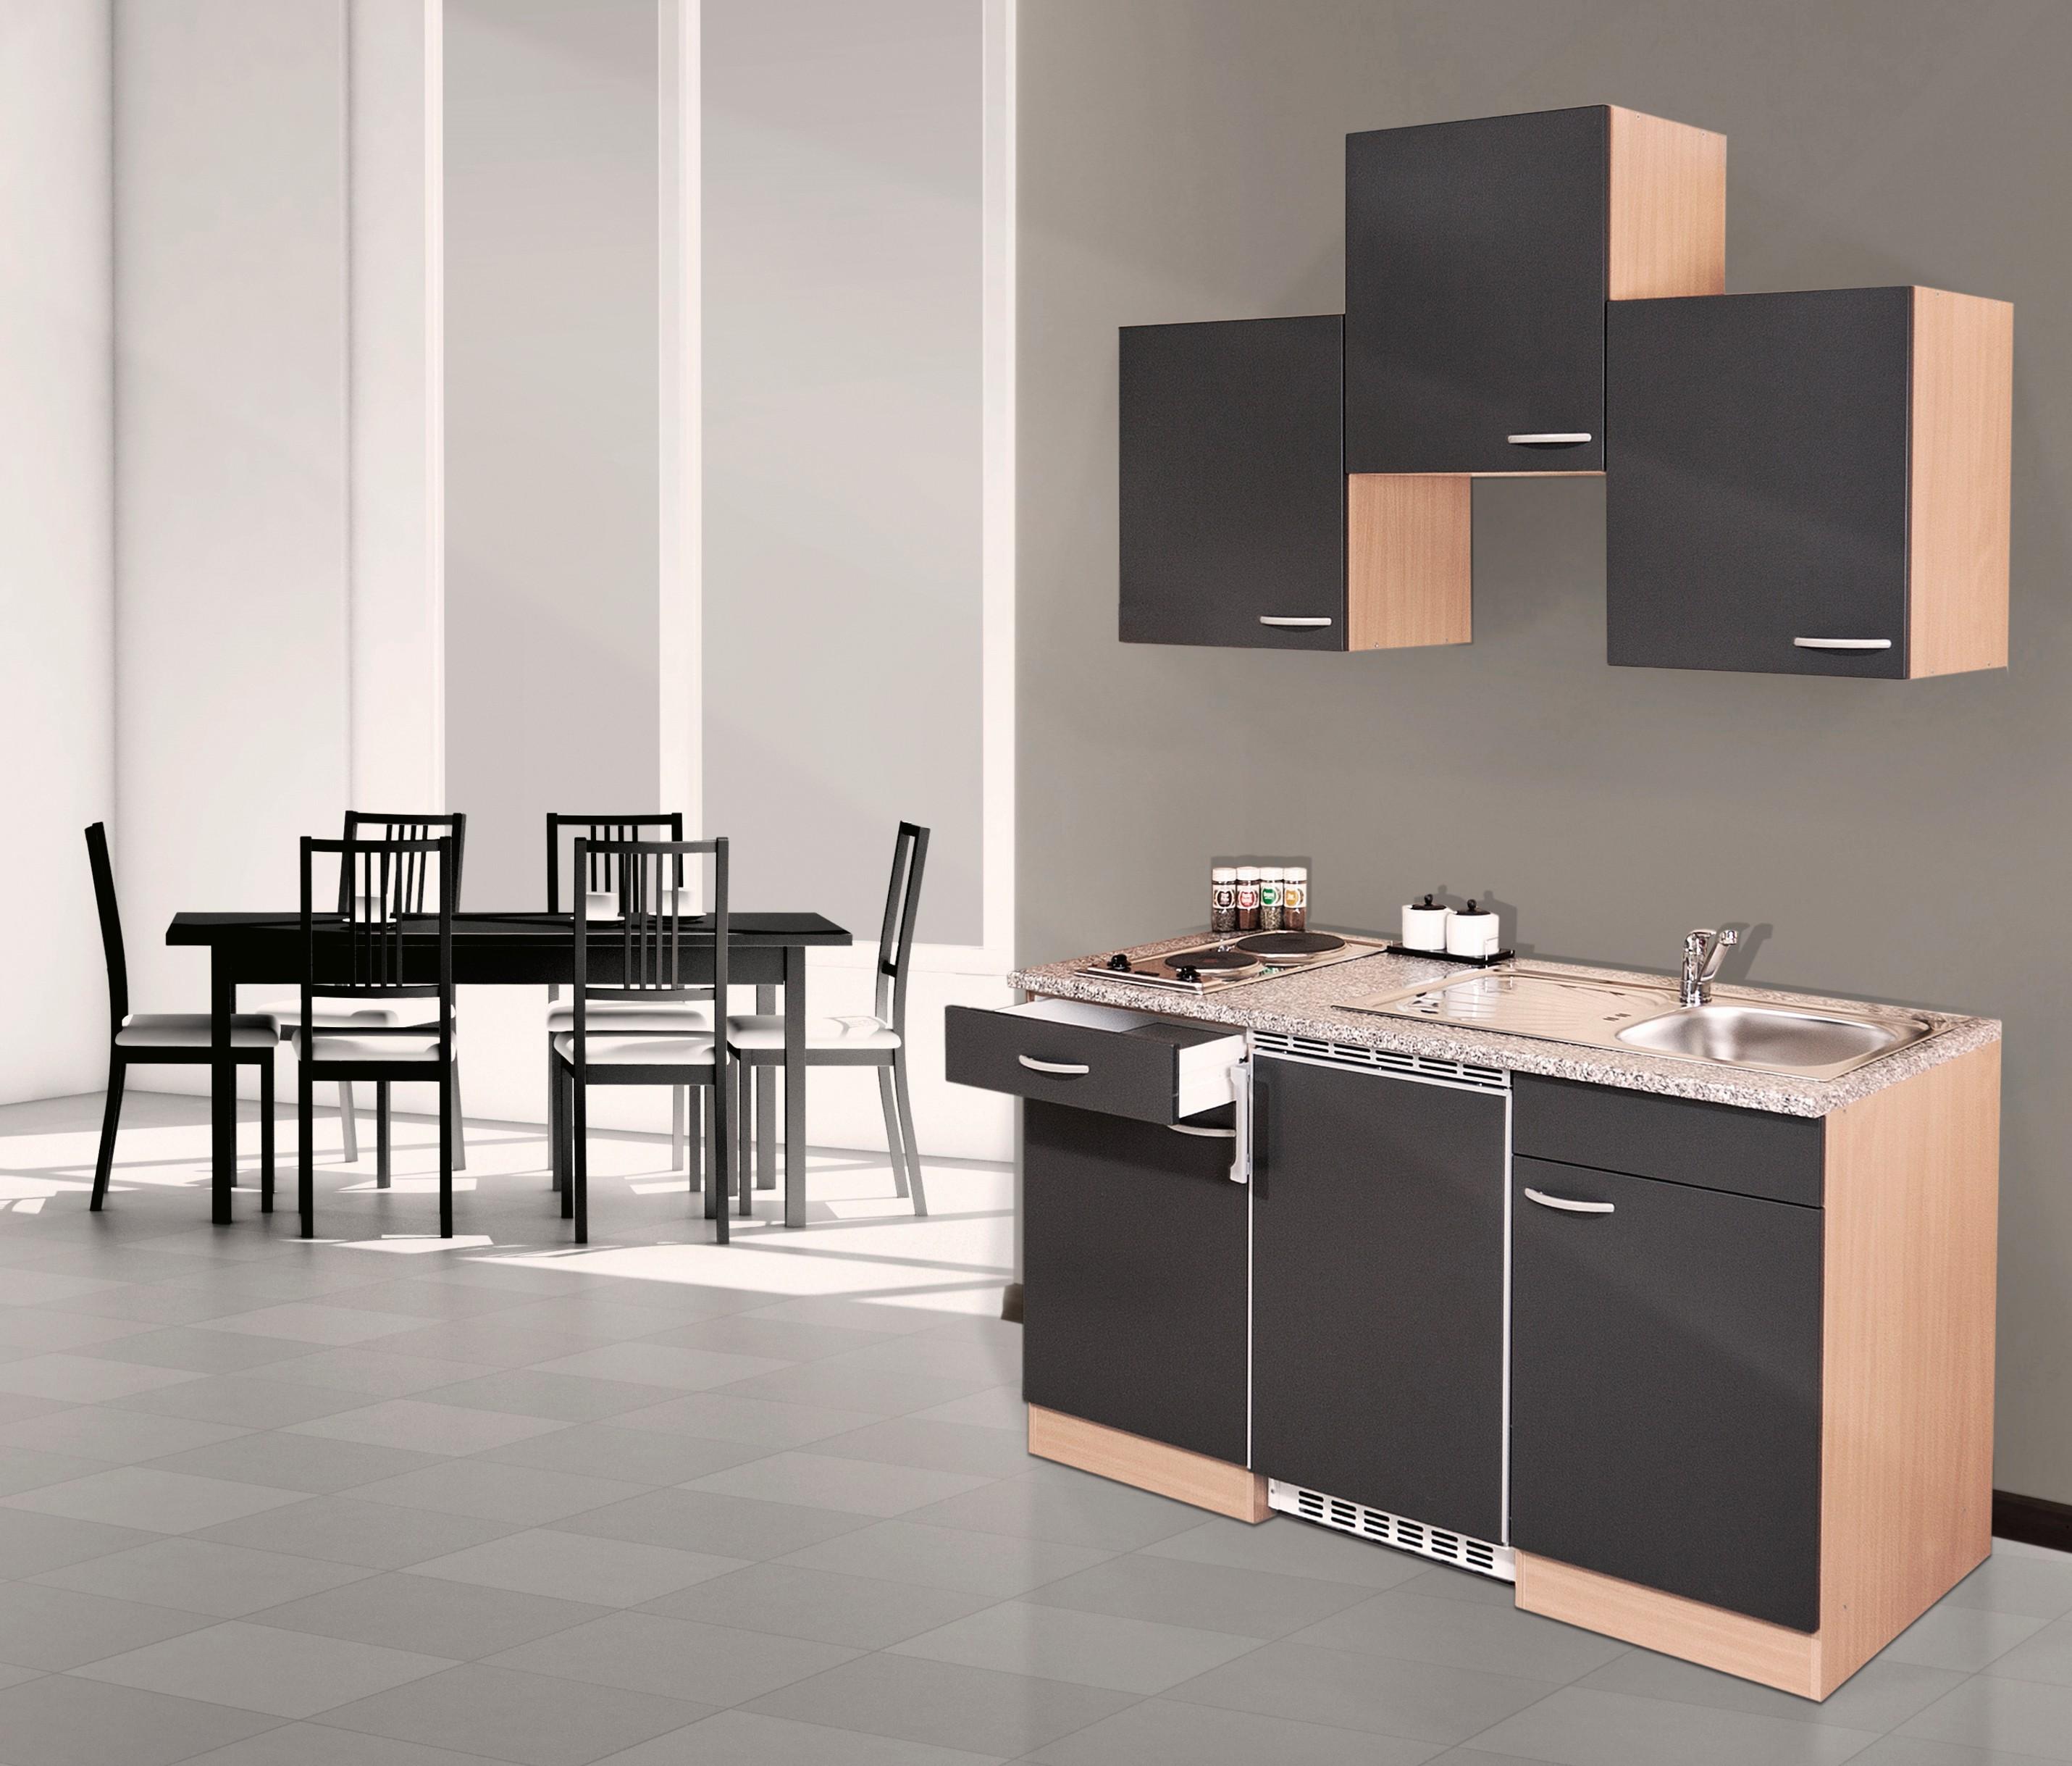 respekta Küche Miniküche Singleküche Küchenzeile Küchenblock 150 cm Buche grau